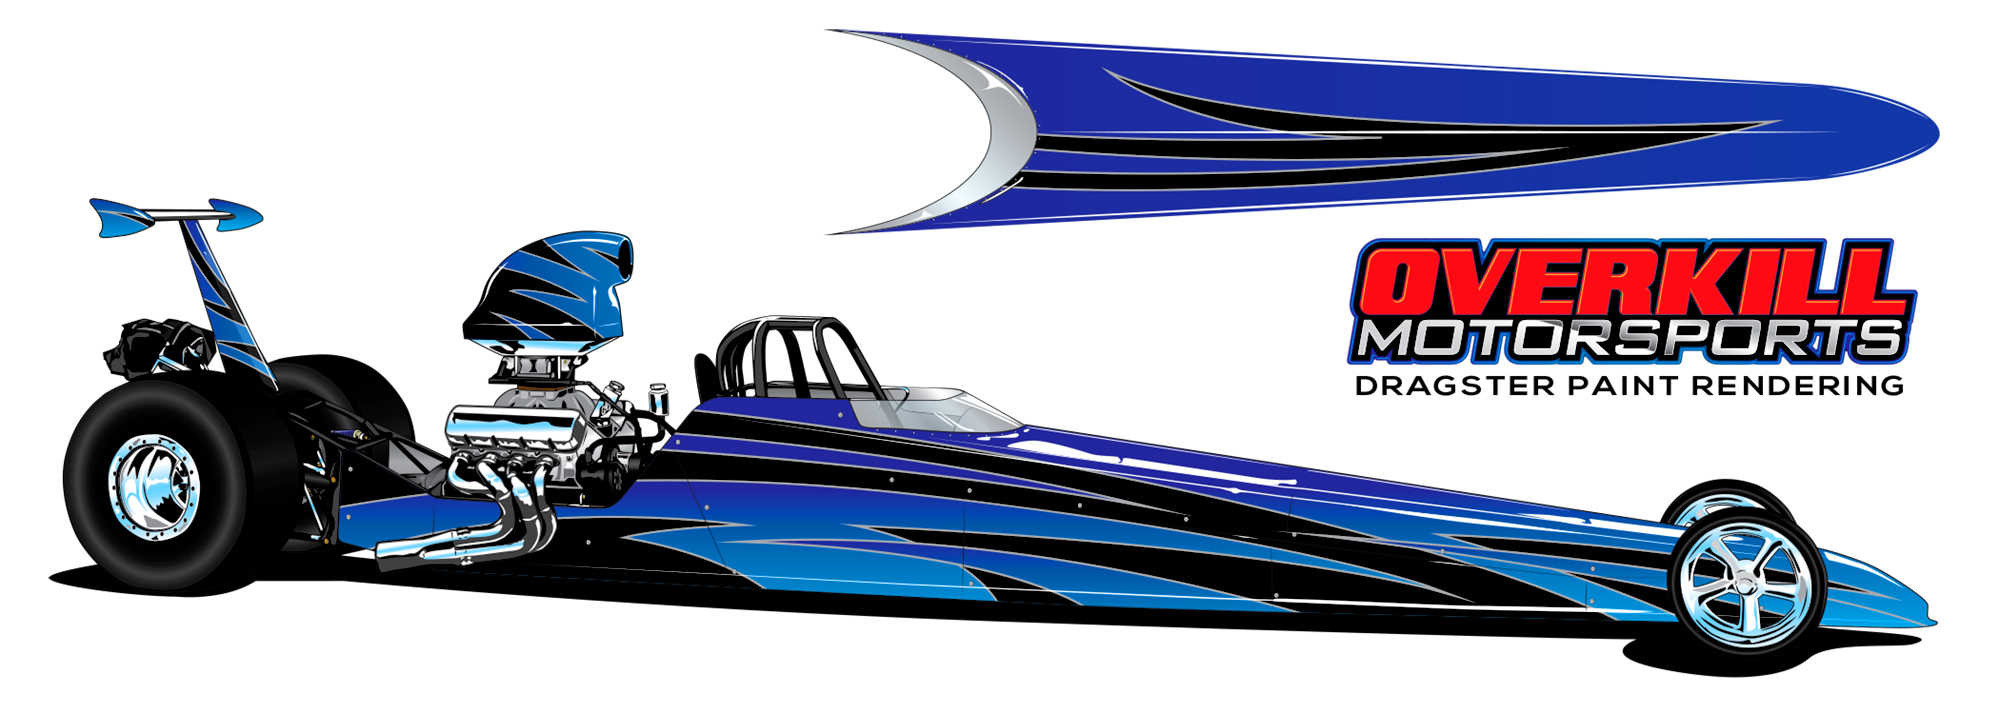 Drag race car paint schemes - Print